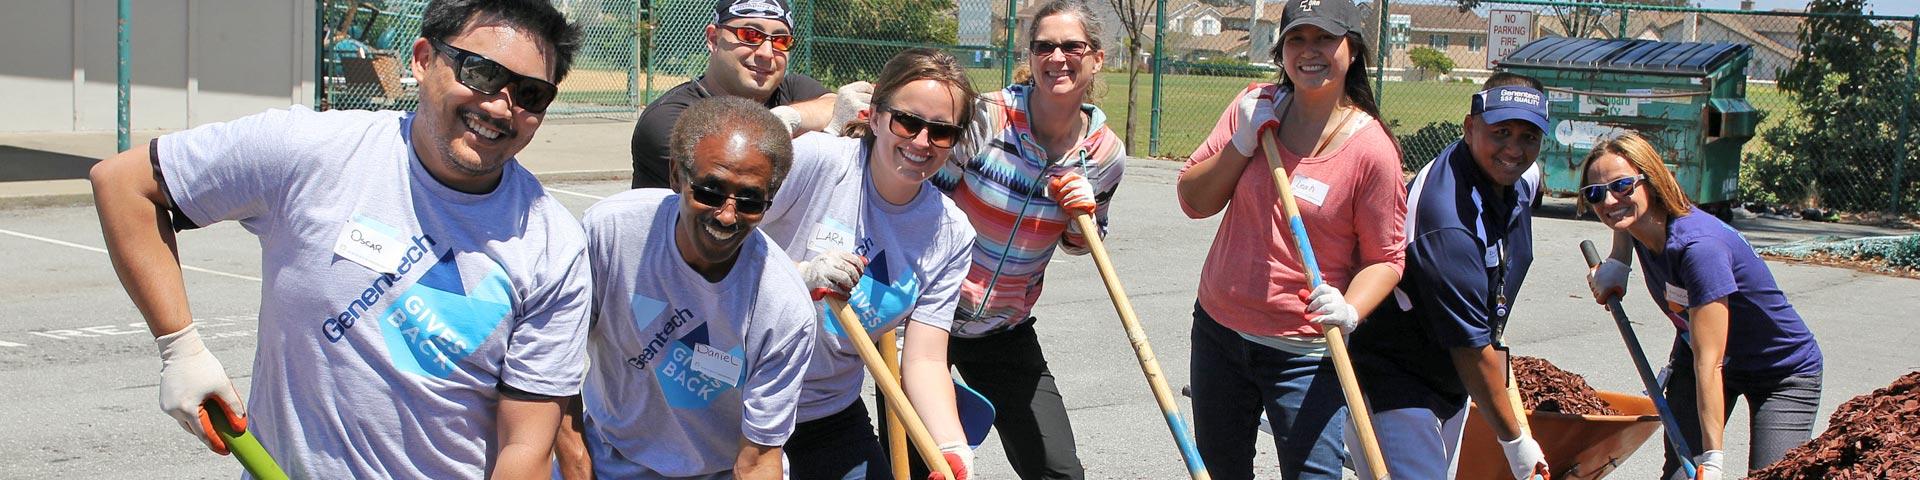 handson bay area employee volunteering toolkit